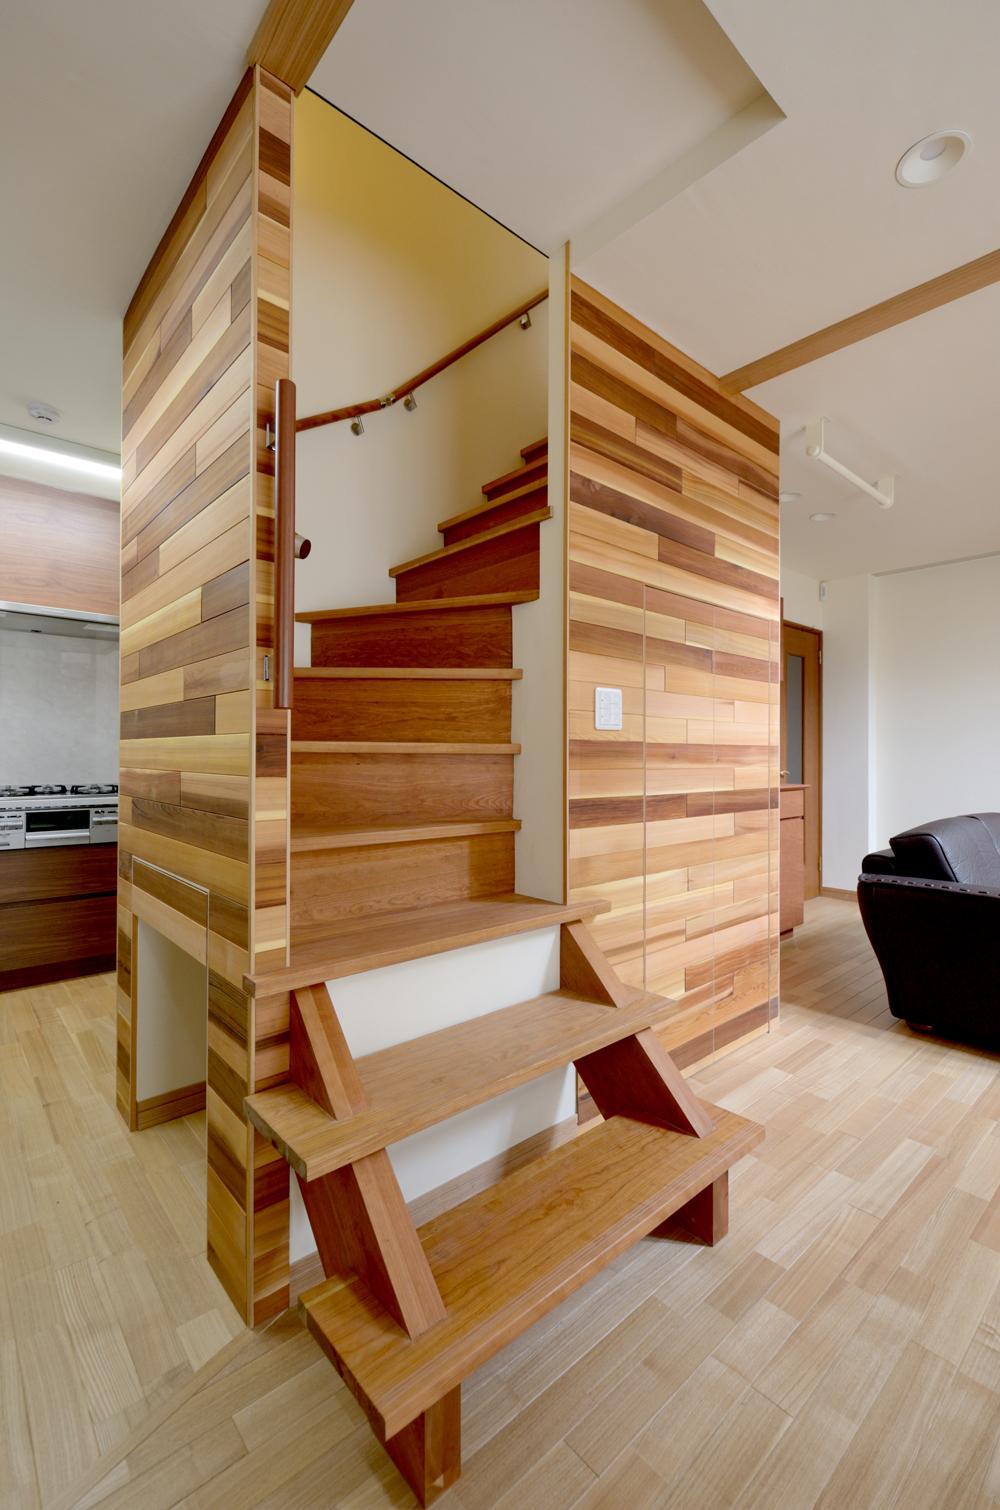 回り階段とセミクローズキッチンで柔らかな家にの写真 回り階段